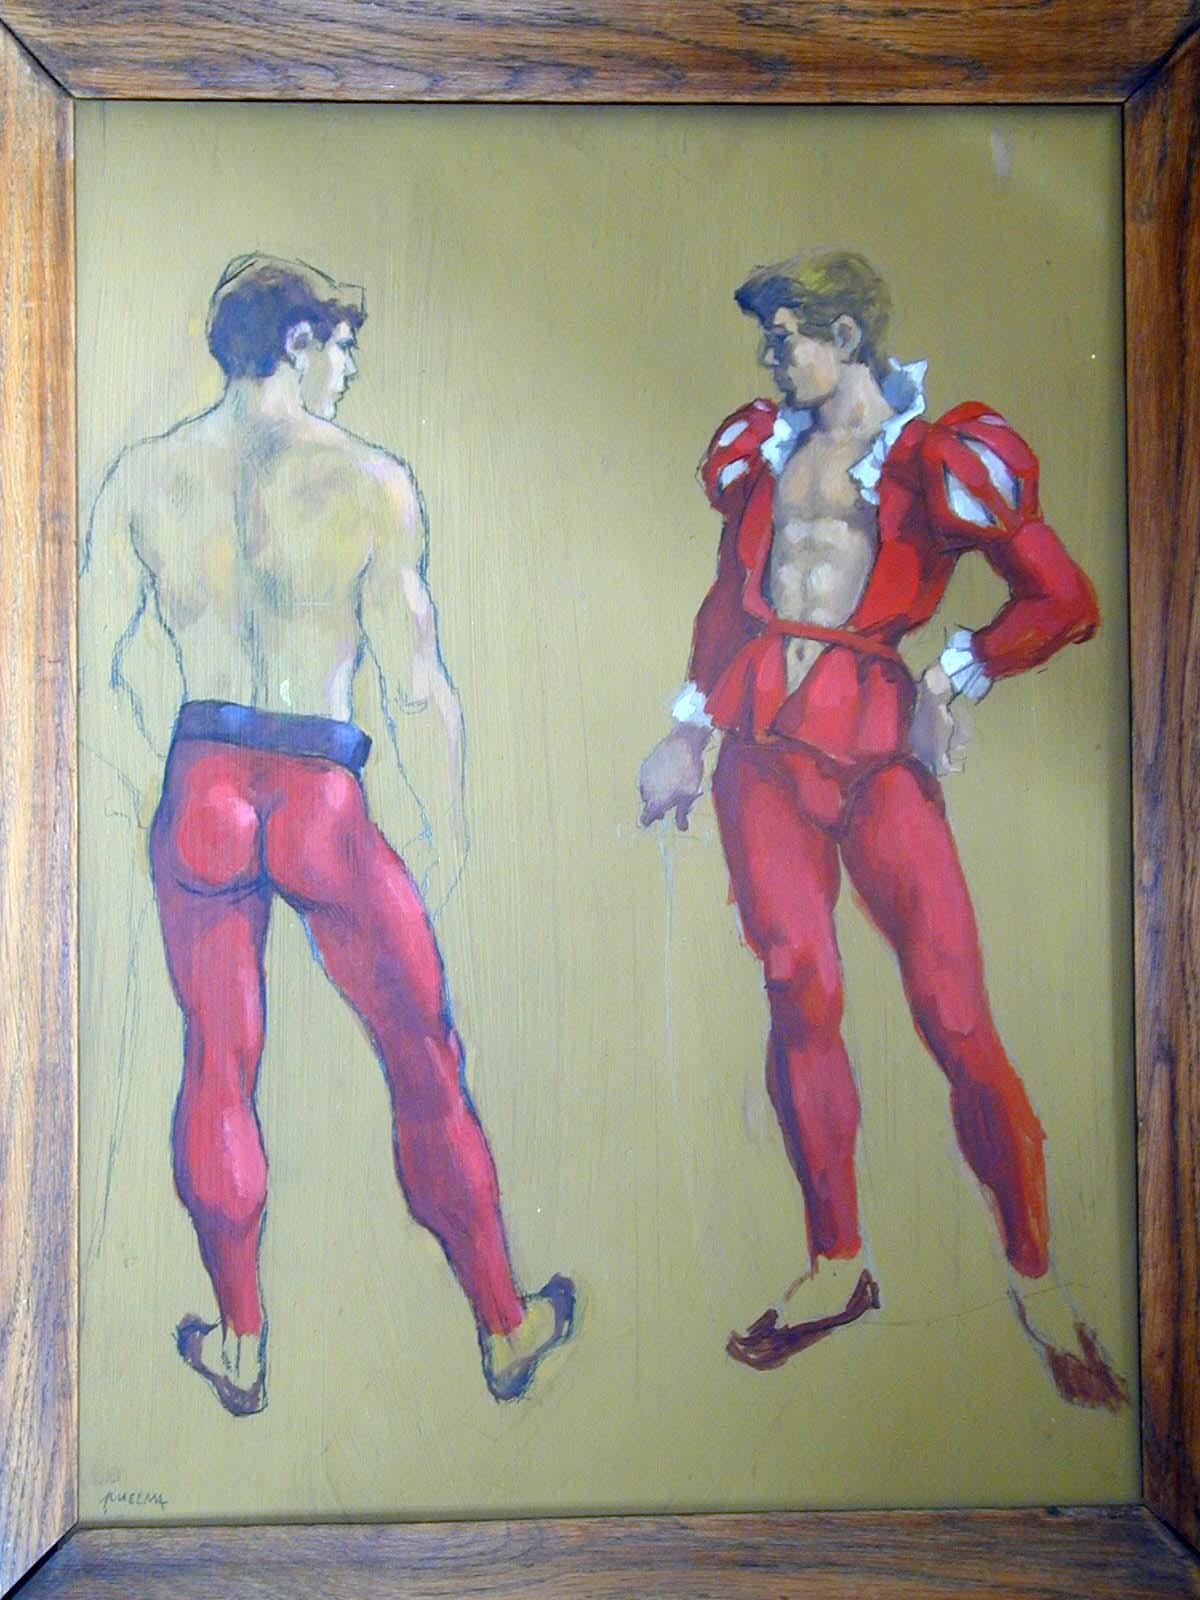 """Enrico Puelma (""""Rico""""): """"Drei Männer in historischen Kostümen"""". Signatur: Sozarch_F_5005-Zx-014"""